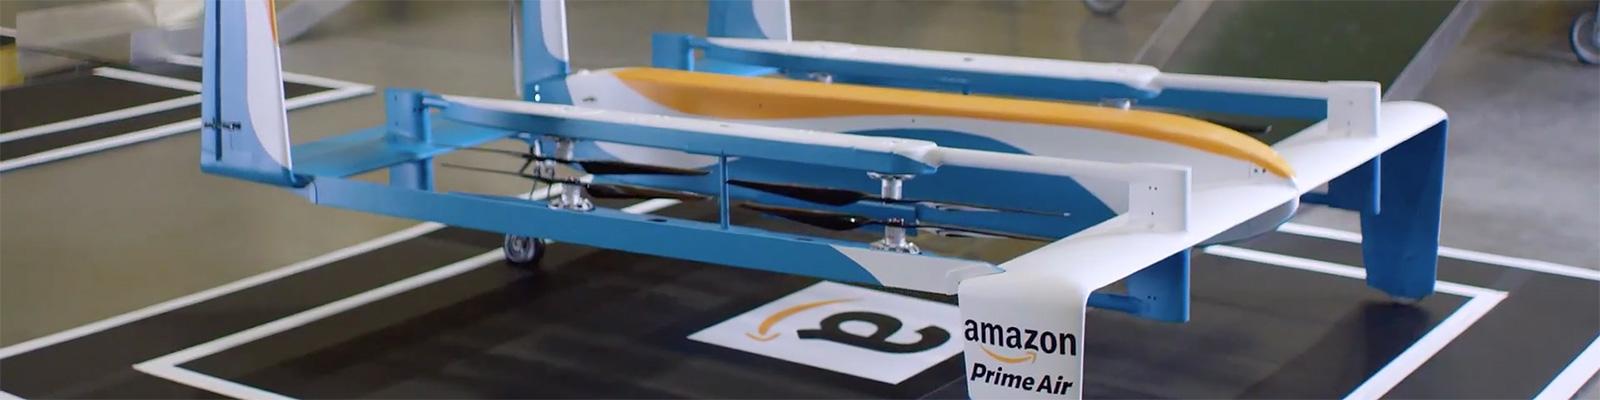 Amazon Prime Air(amazon)